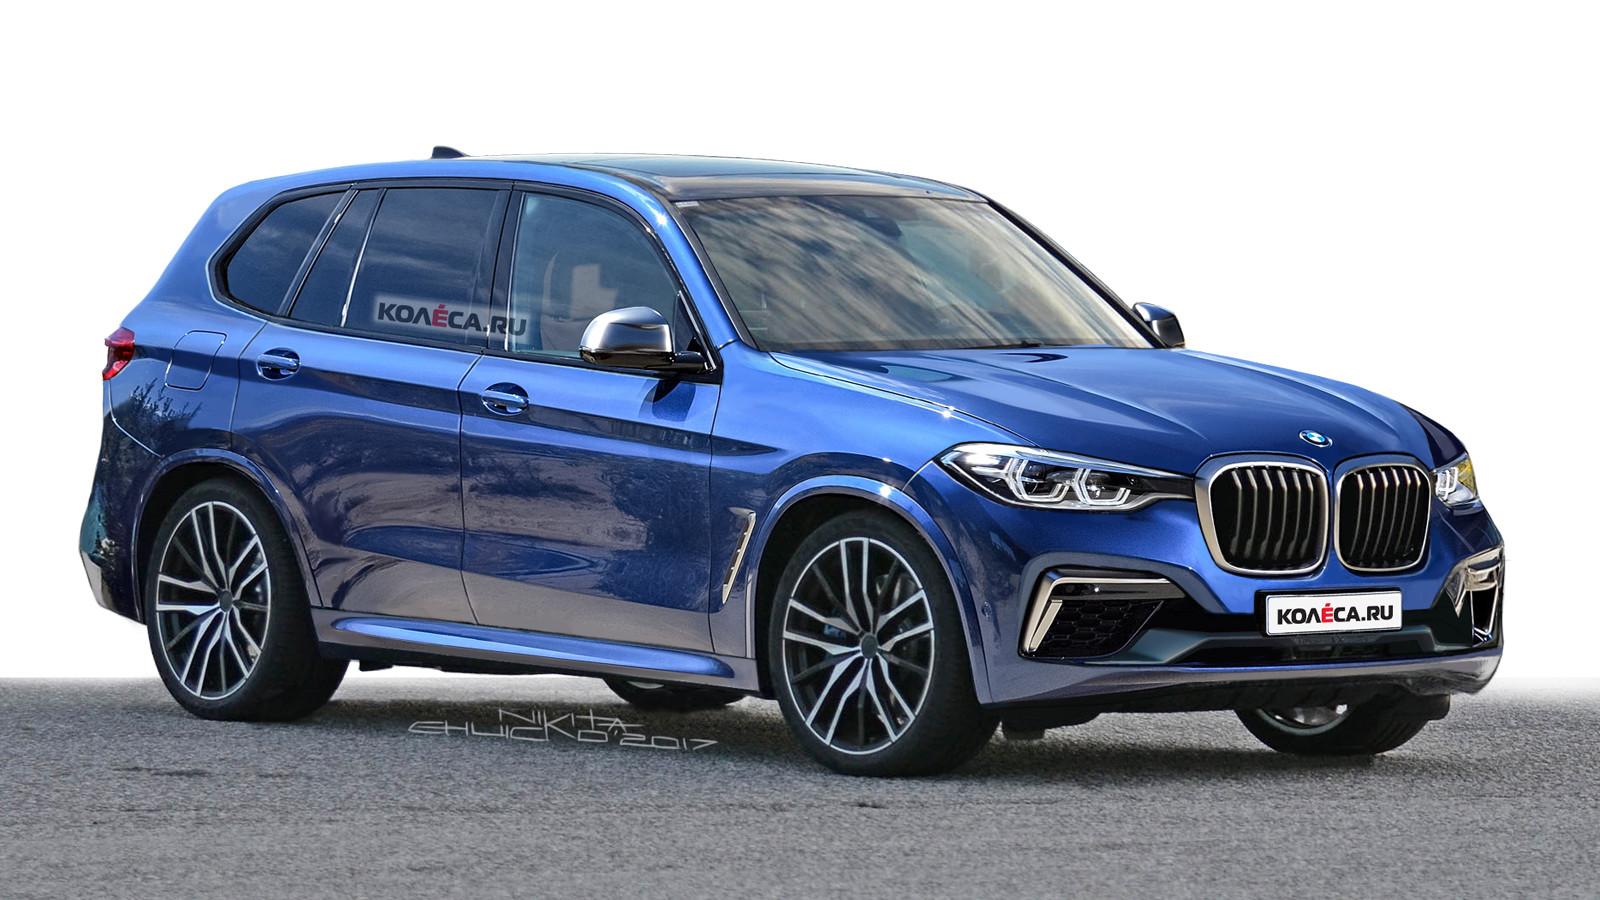 BMW X5 G05 front